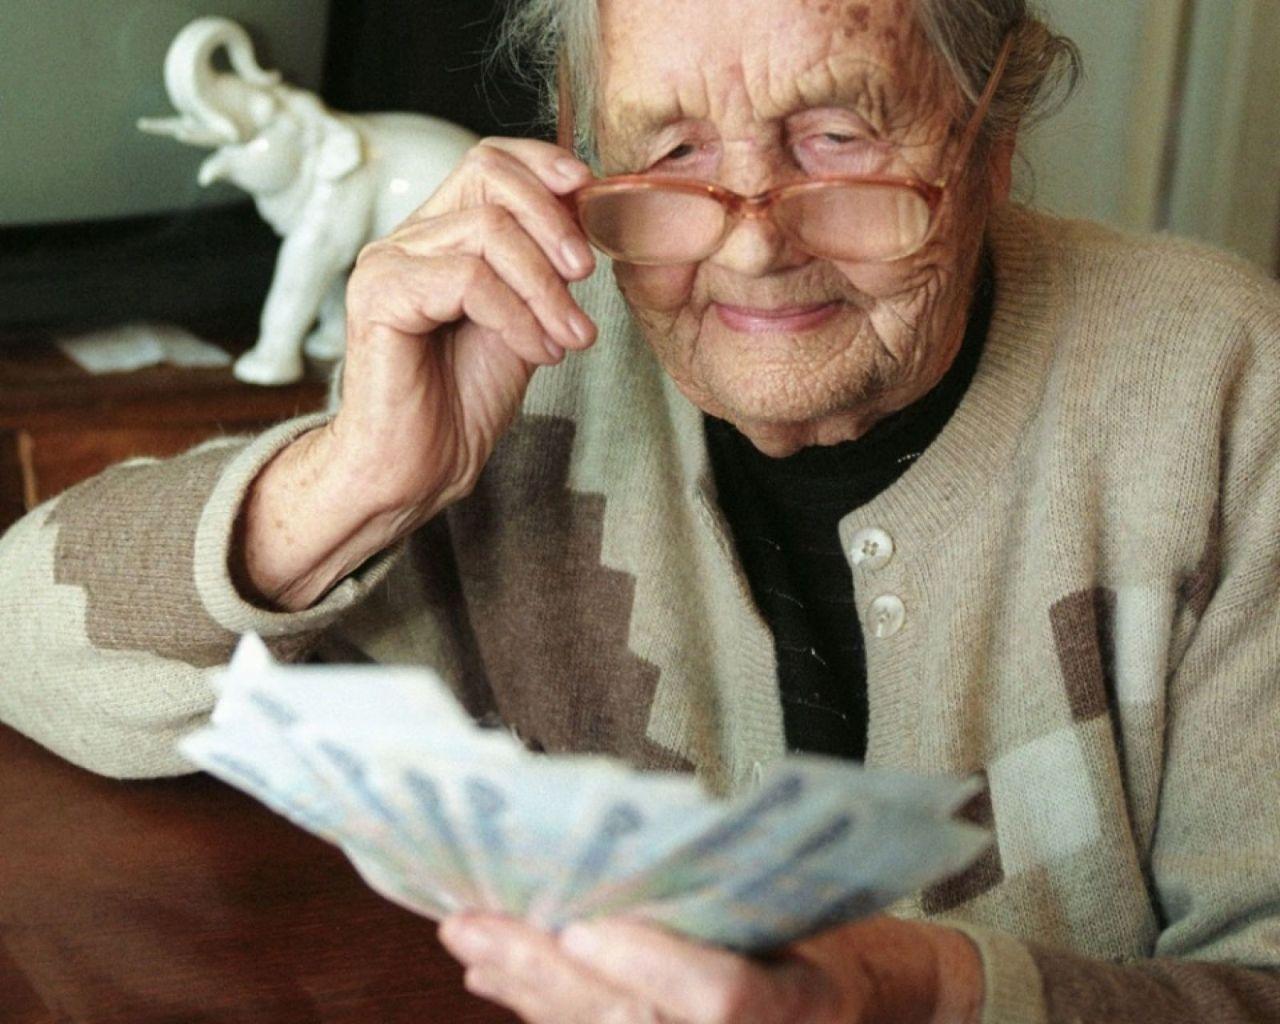 Минтруд сообщил об индексации страховых пенсий в 2022 году на 5,9%